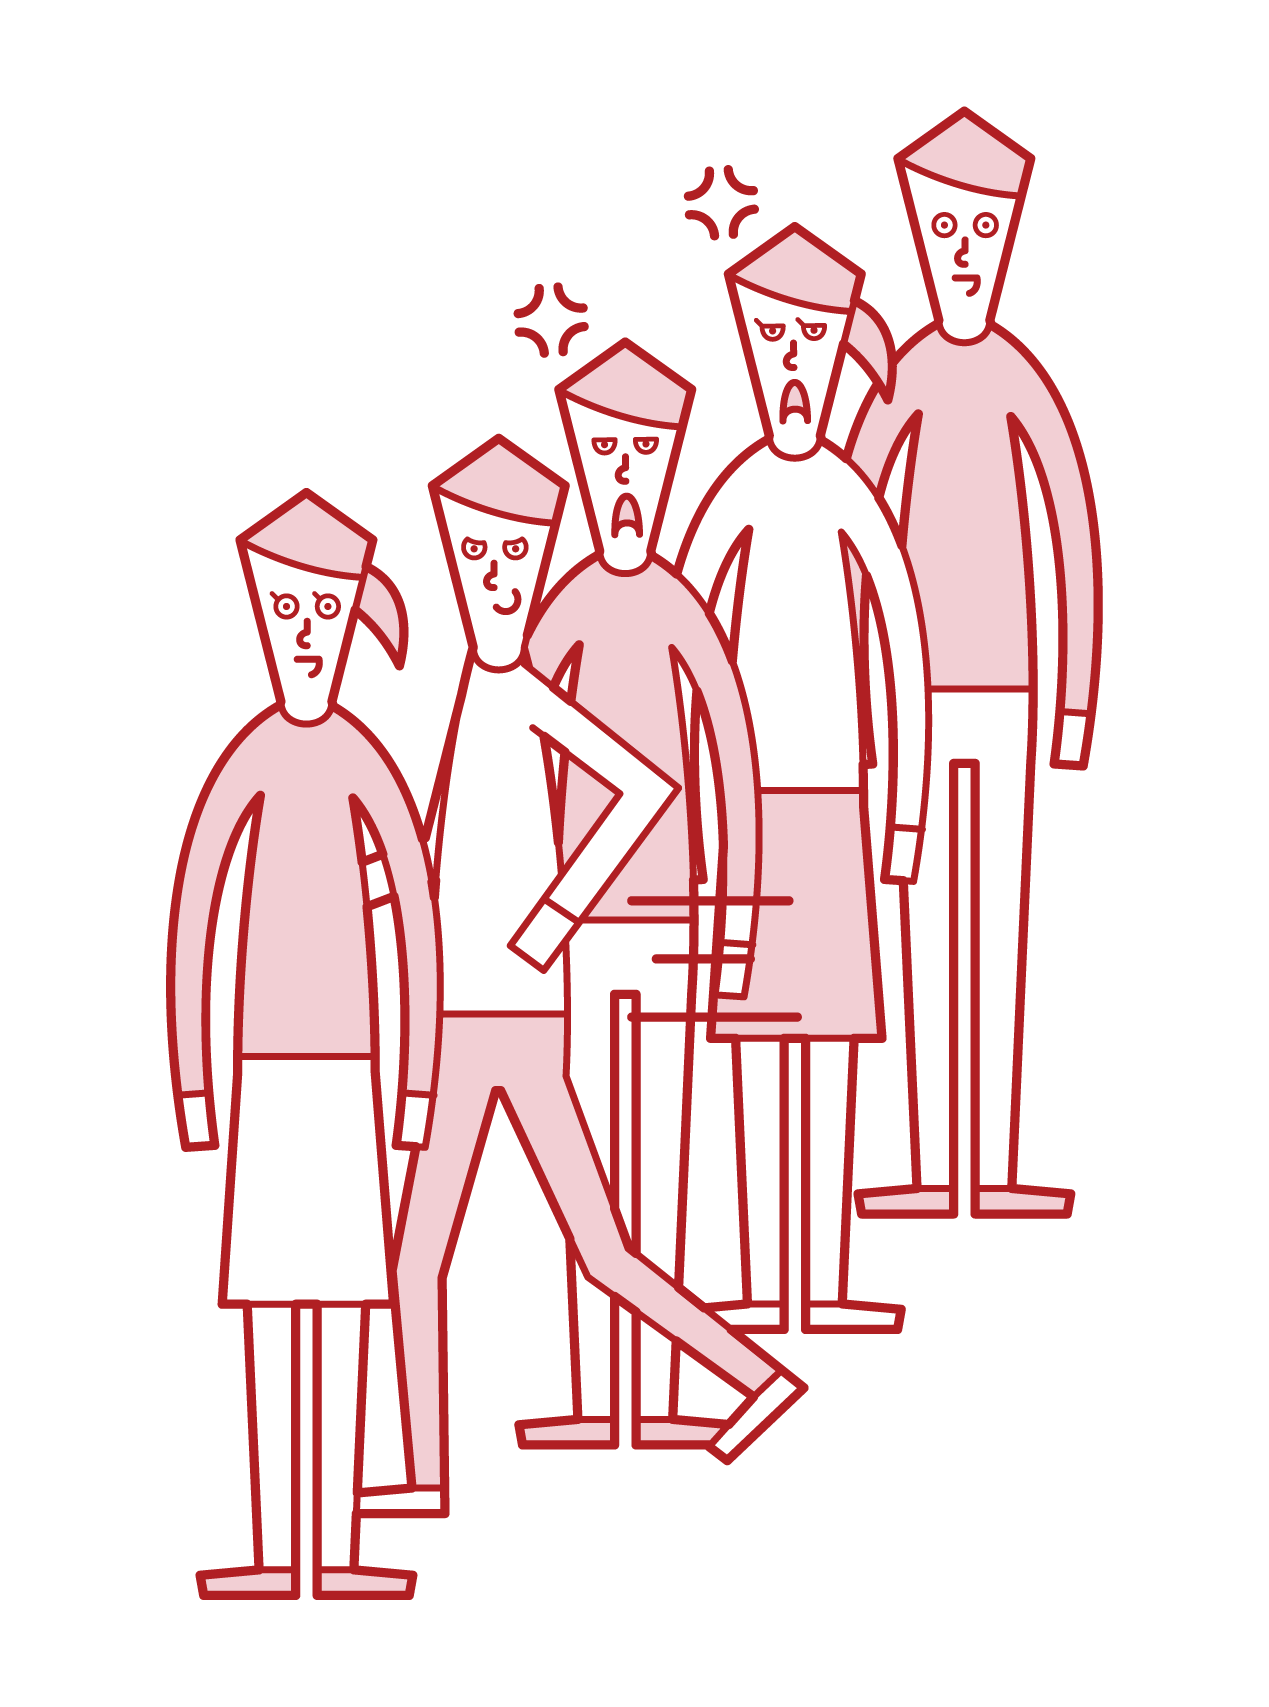 順番を抜かす人(男性)のイラスト